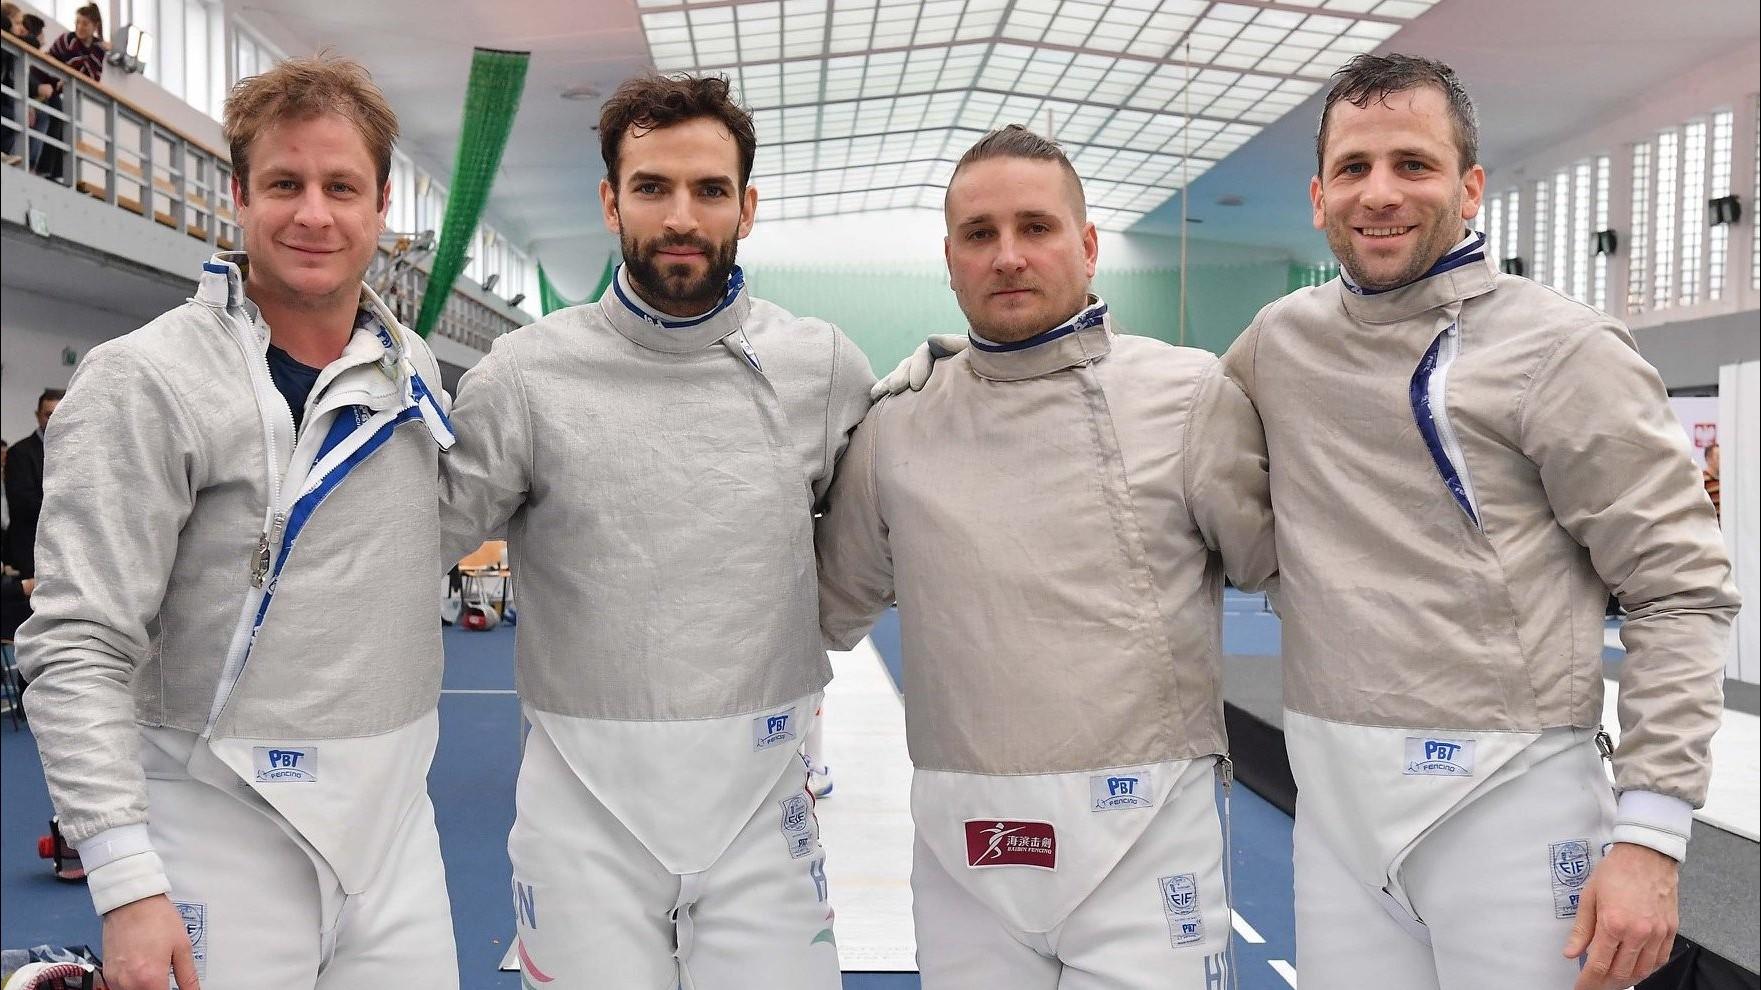 Kijelölték az olimpiai vívó válogatottat